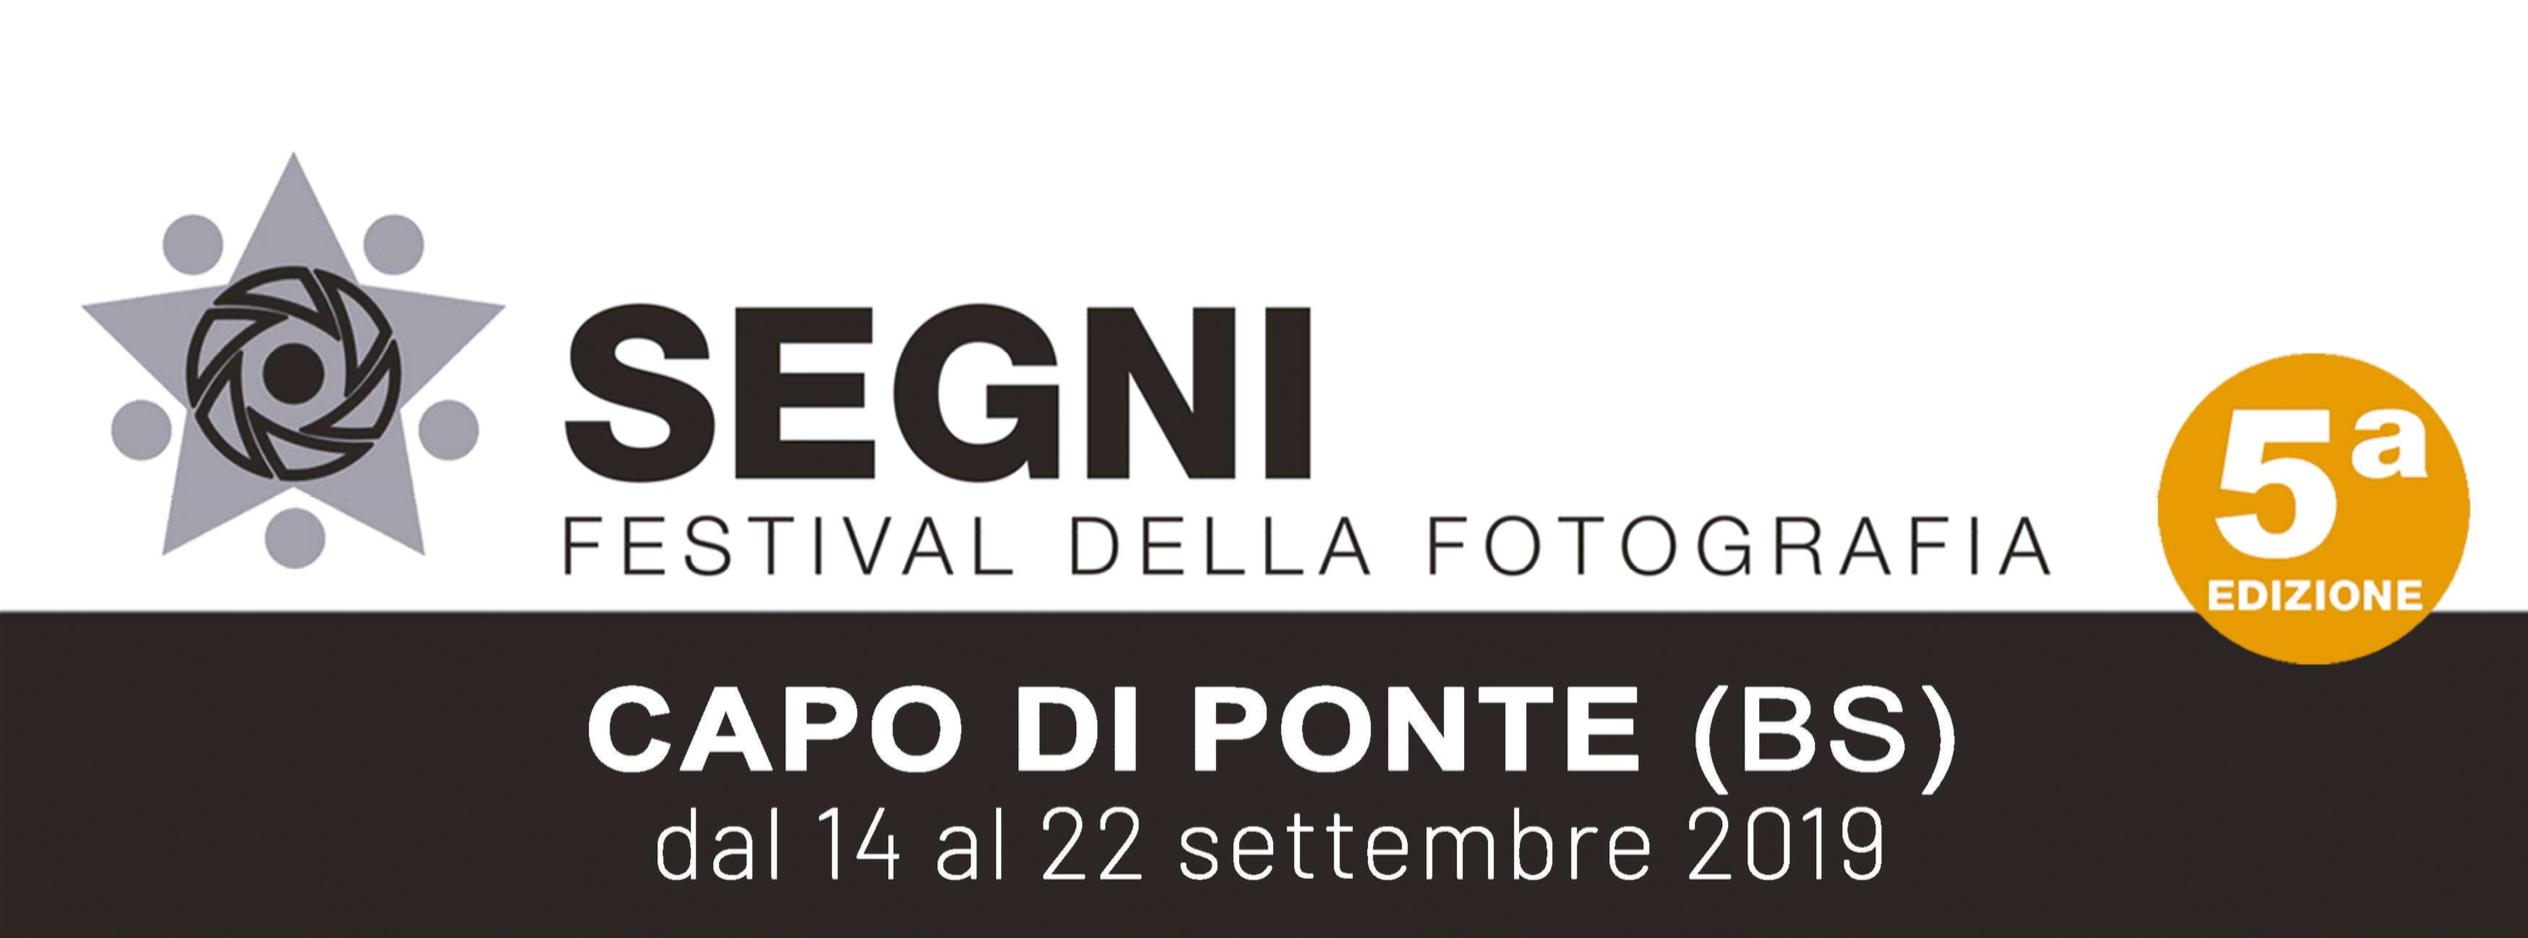 segni festival fotografia, 2019, 5^ edizione, valle camonica, valcamonica